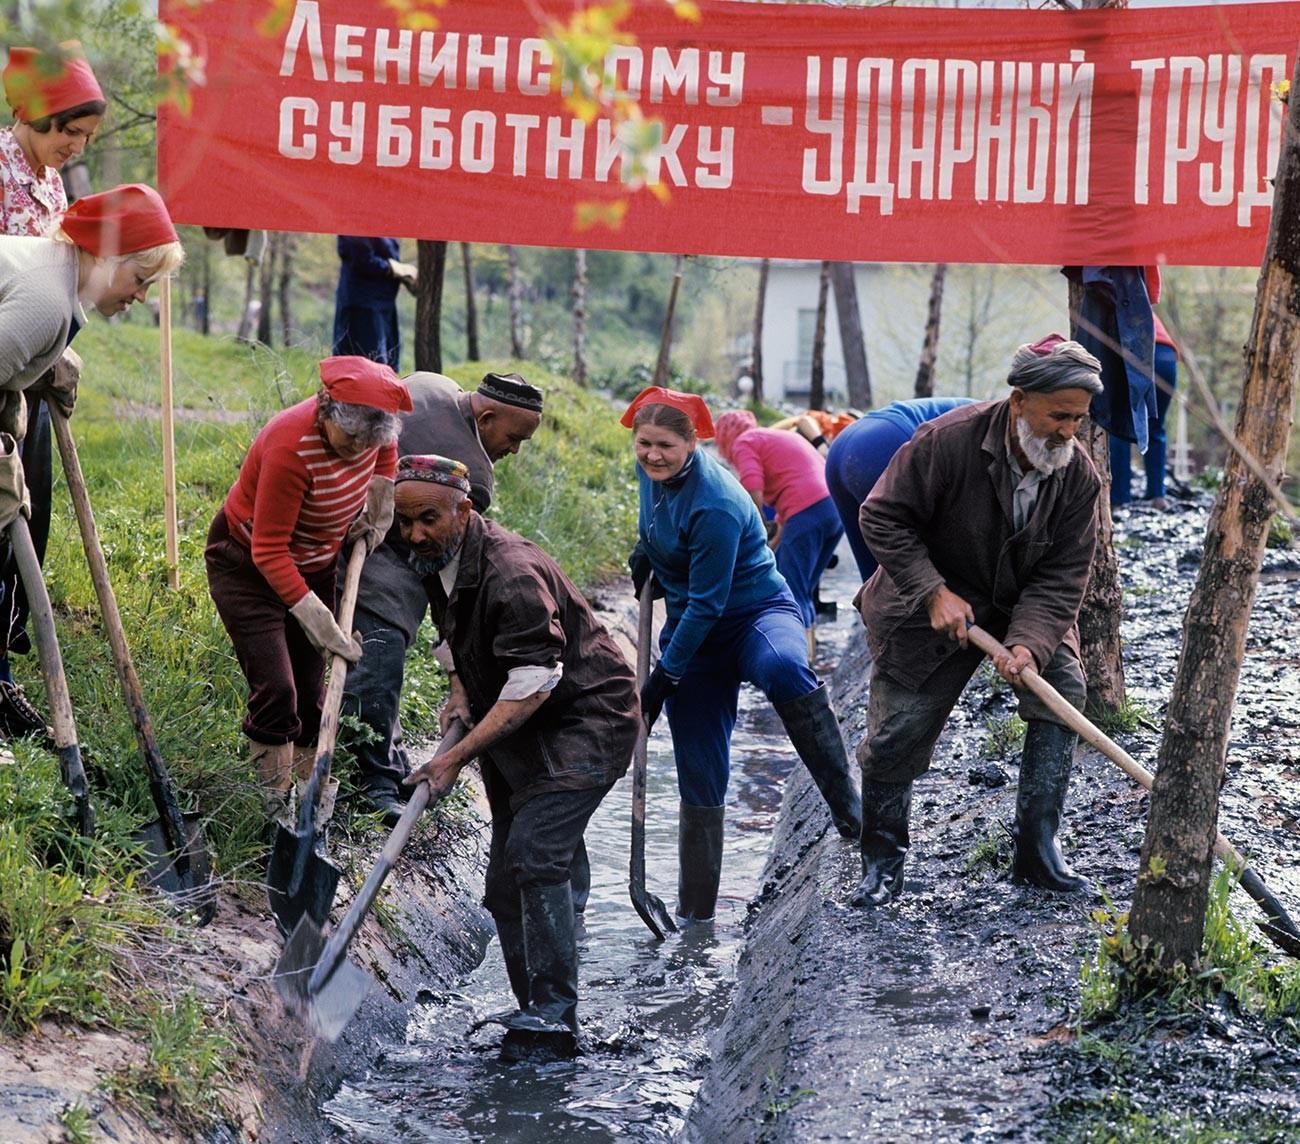 Des citoyens soviétiques lors d'un soubbotnik